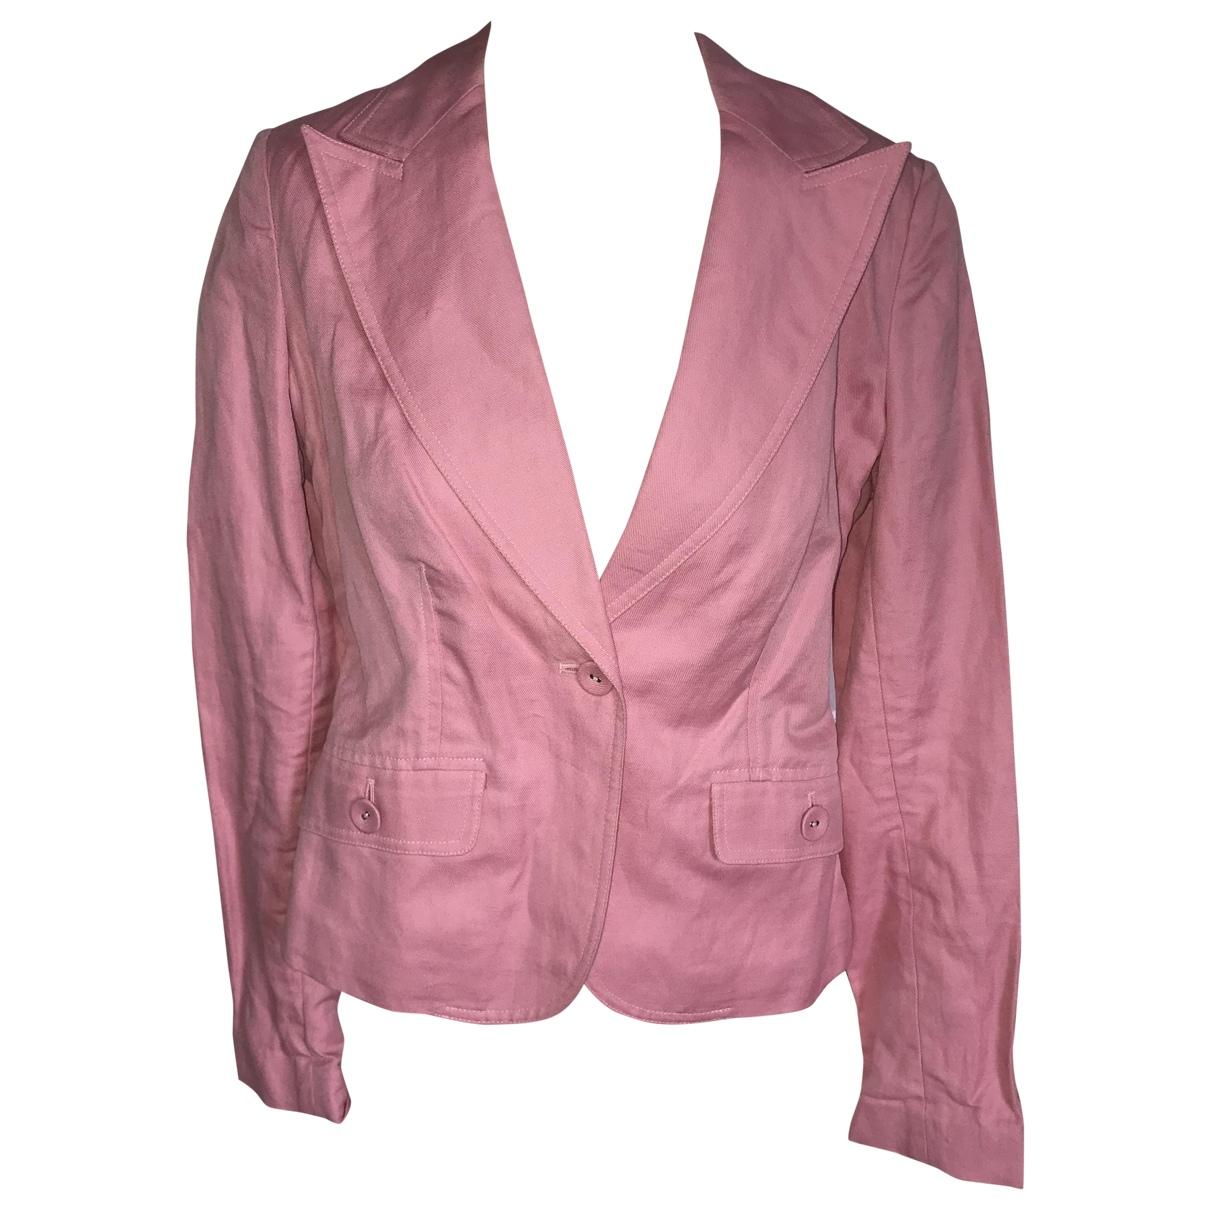 Tommy Hilfiger \N Pink Cotton jacket for Women 36 FR